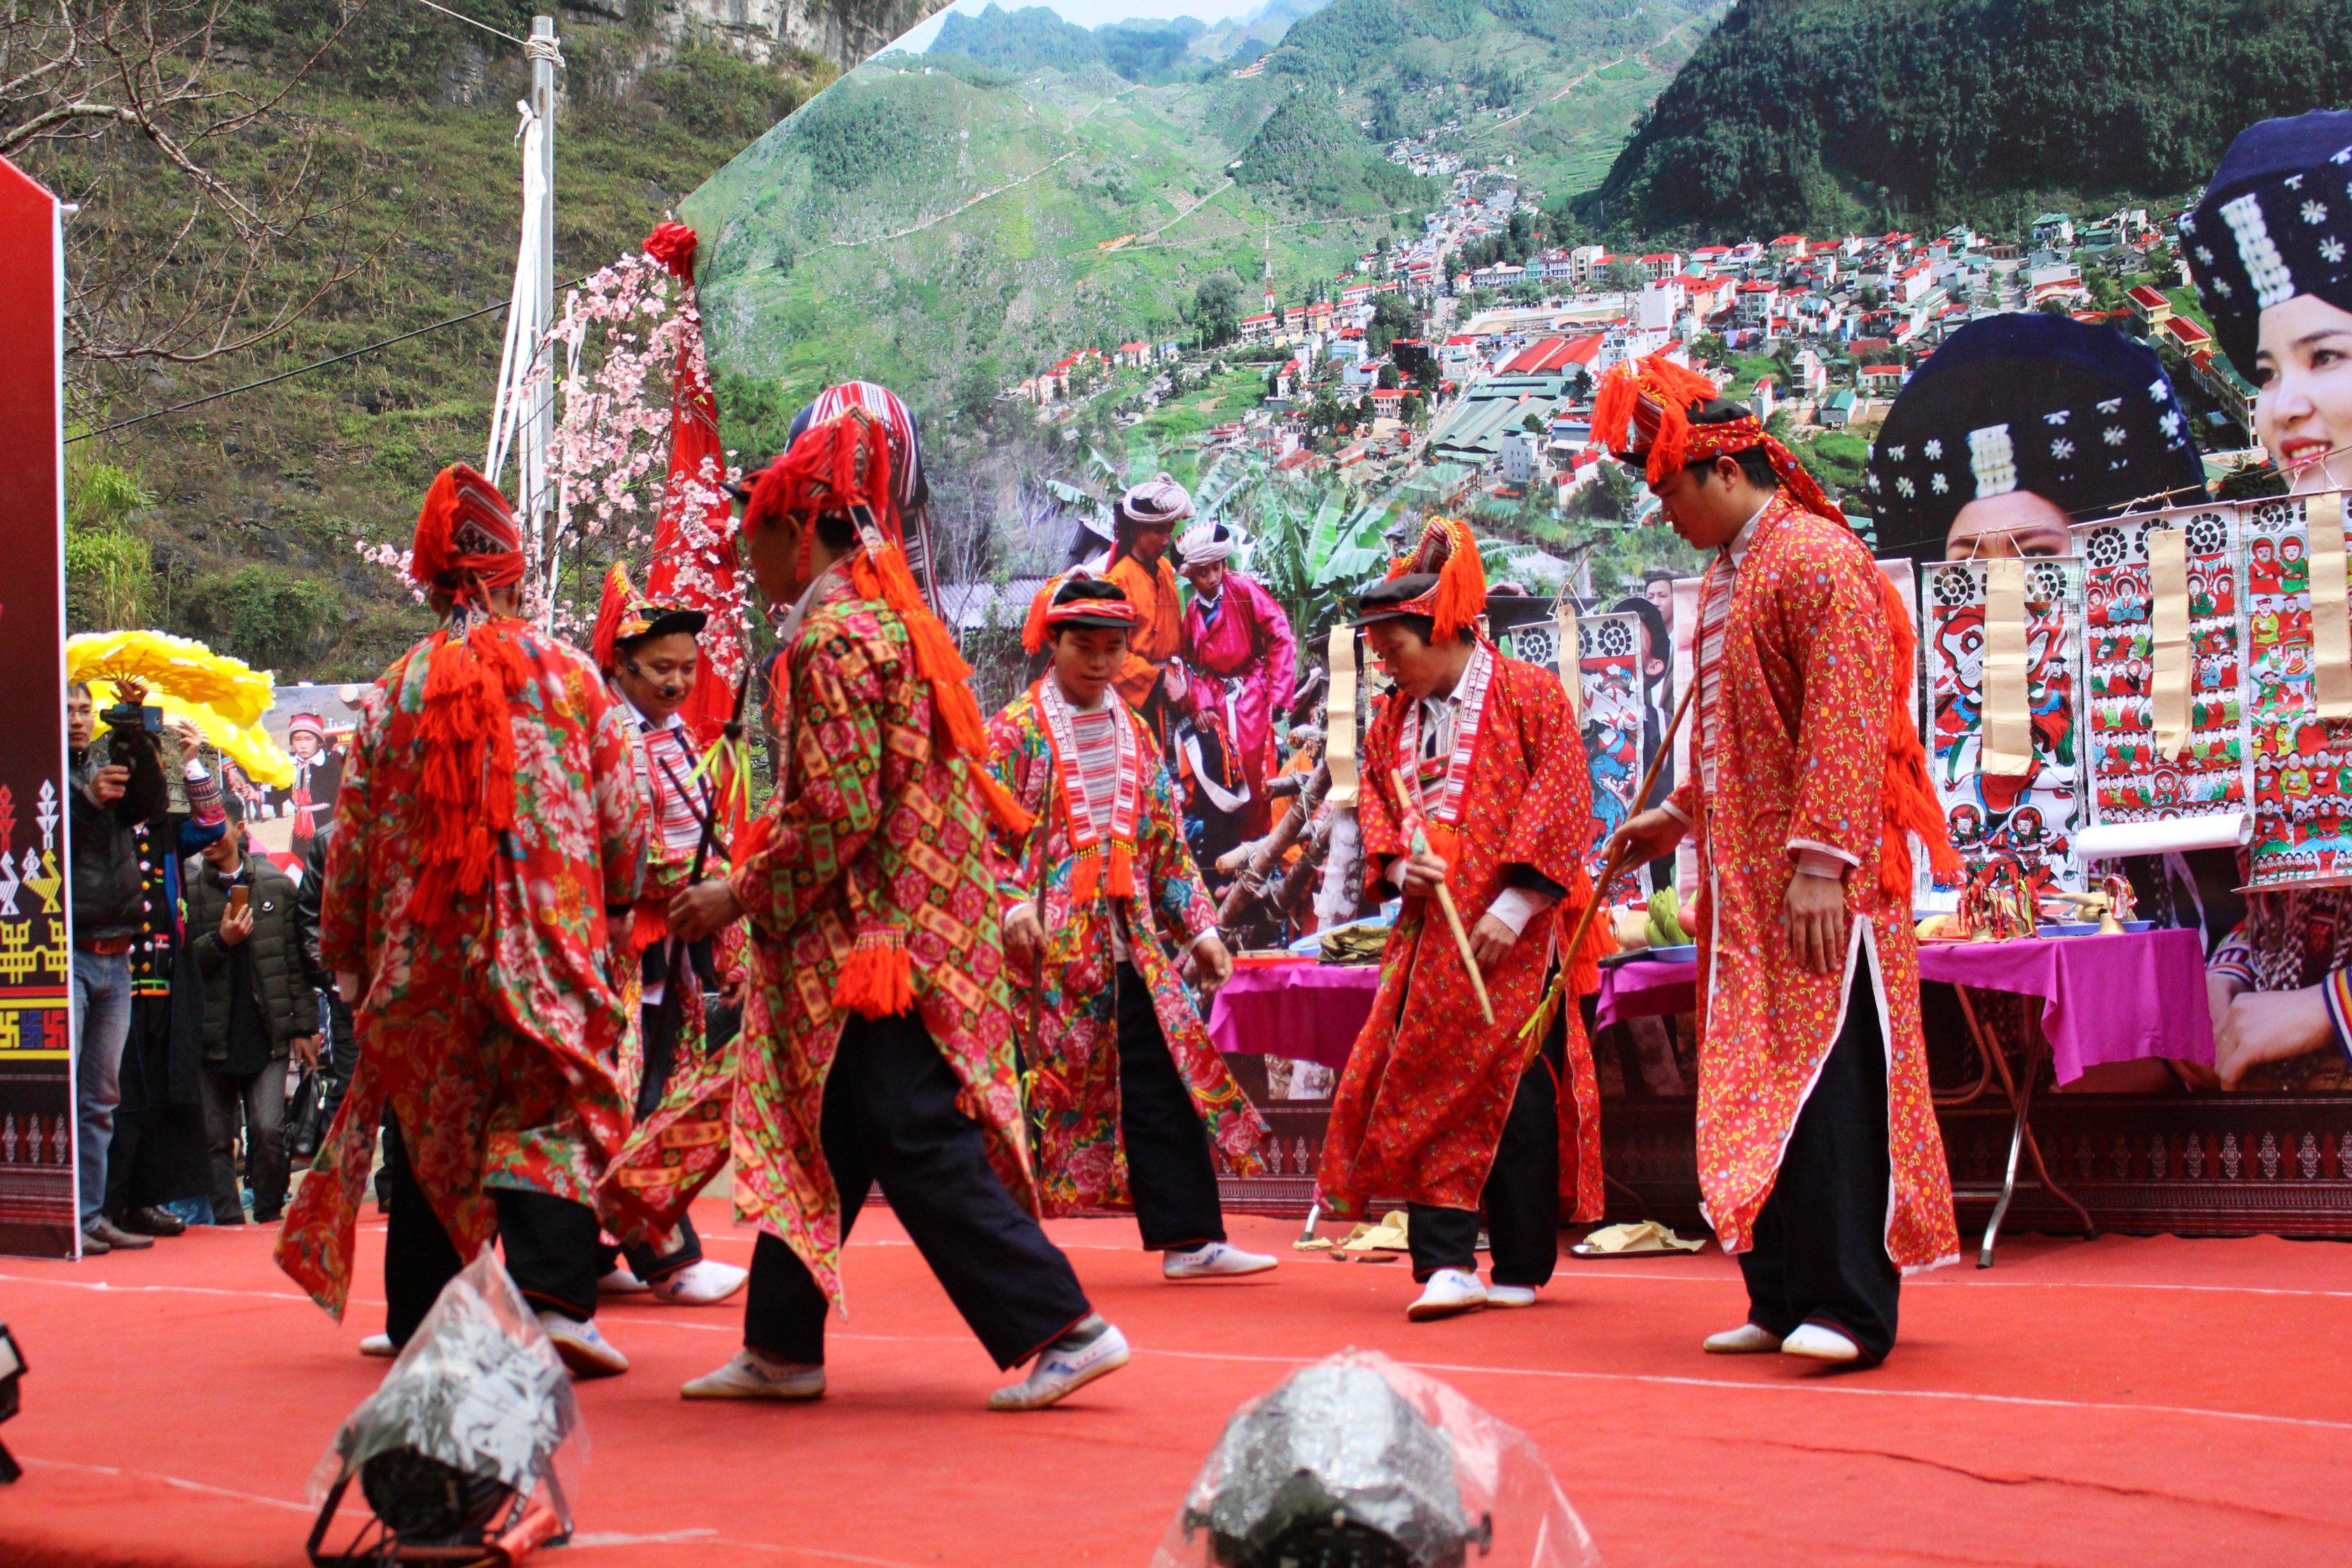 Hội Nghệ nhân dân gian xã Sủng Máng thực hiện nghi lễ cấp sắc tại Ngày hội văn hóa dân tộc Dao huyện Mèo Vạc.